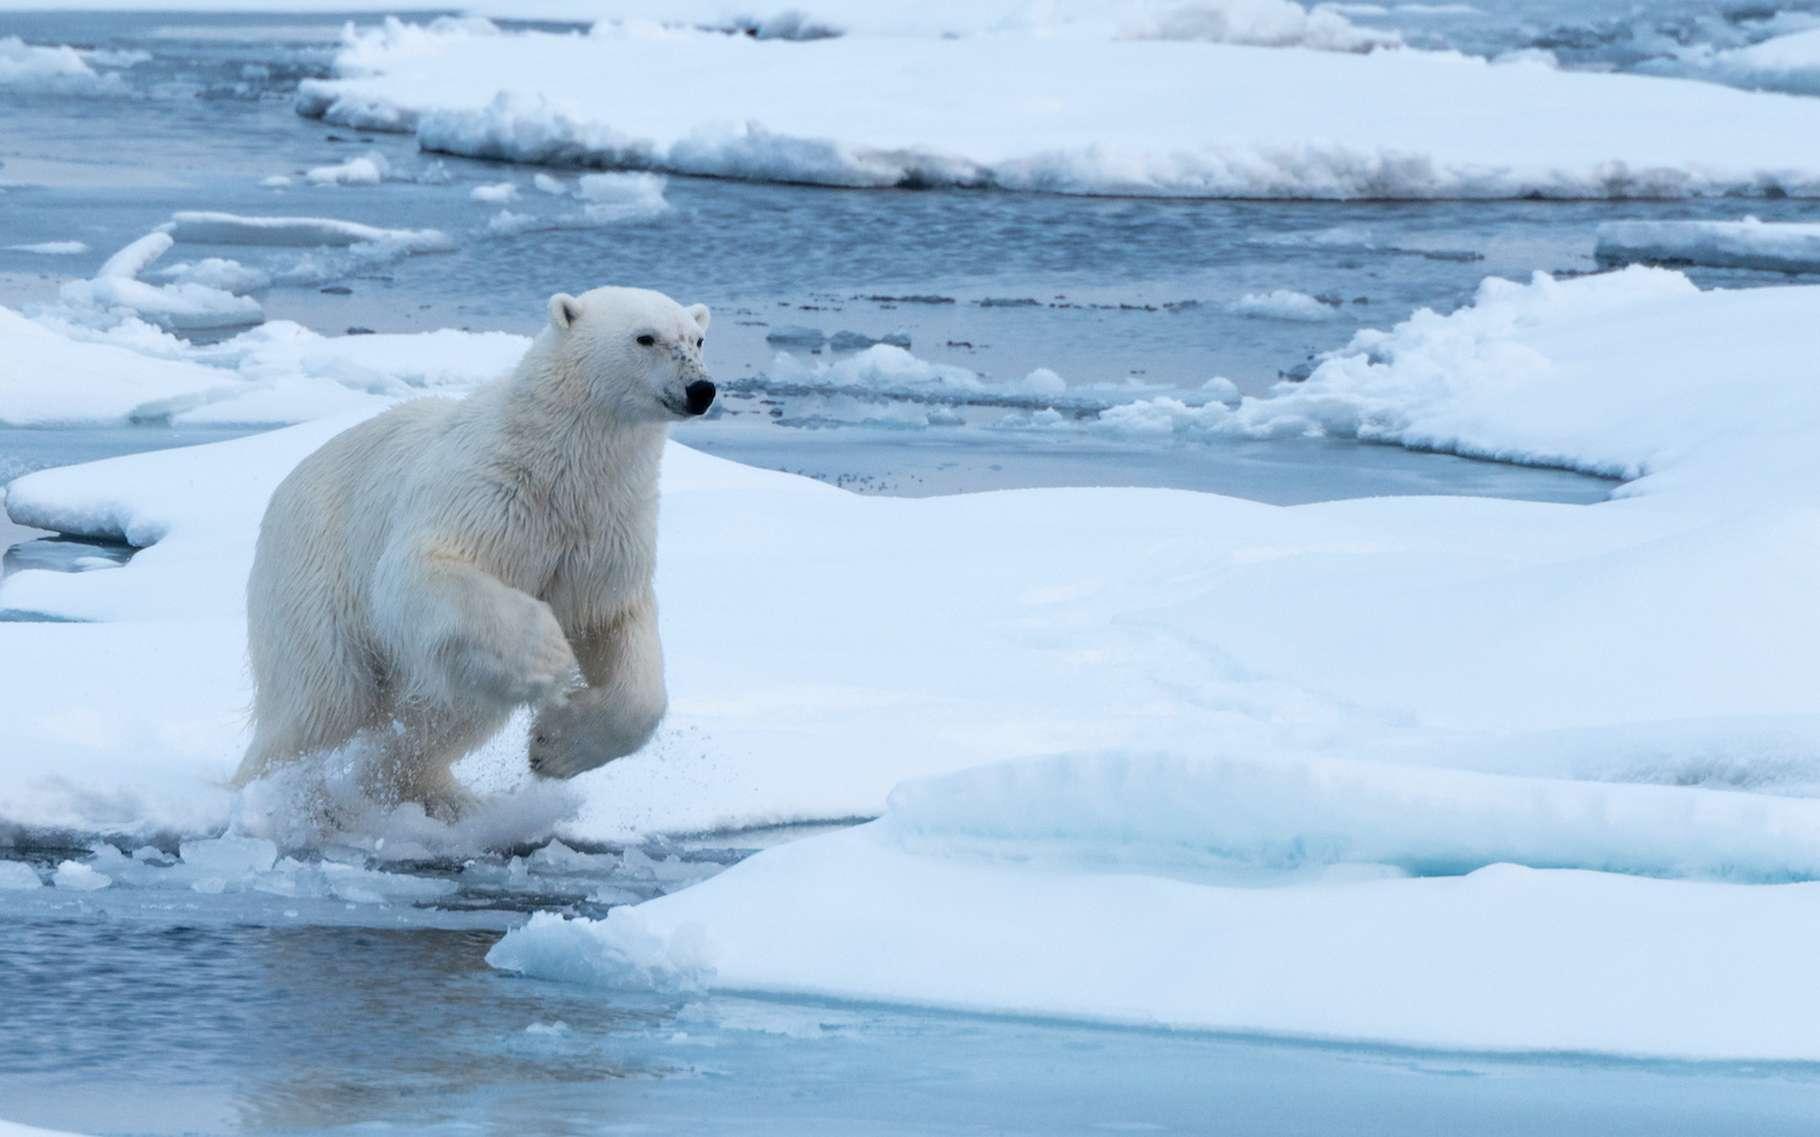 Des travaux d'une équipe pluridisciplinaire et internationale de chercheurs évaluent à quel point la fonte des calottes glaciaires pourrait élever le niveau de la mer. © James Stone, Adobe Stock